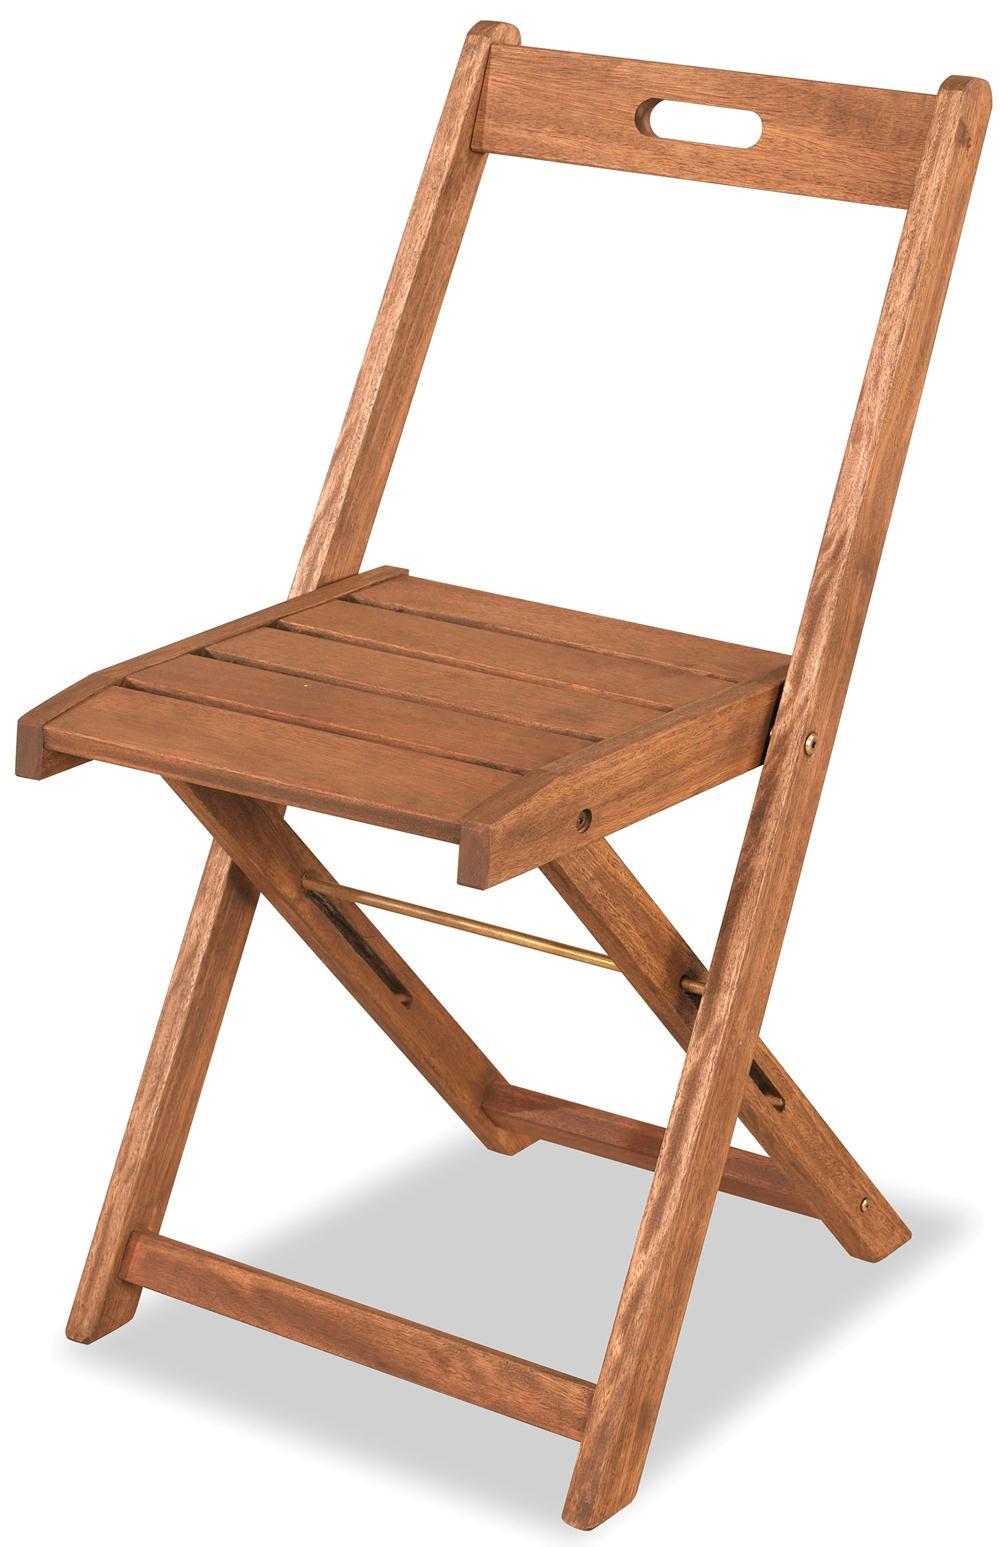 Cadeira Dobravel Economica Stain cor Jatoba - 34557